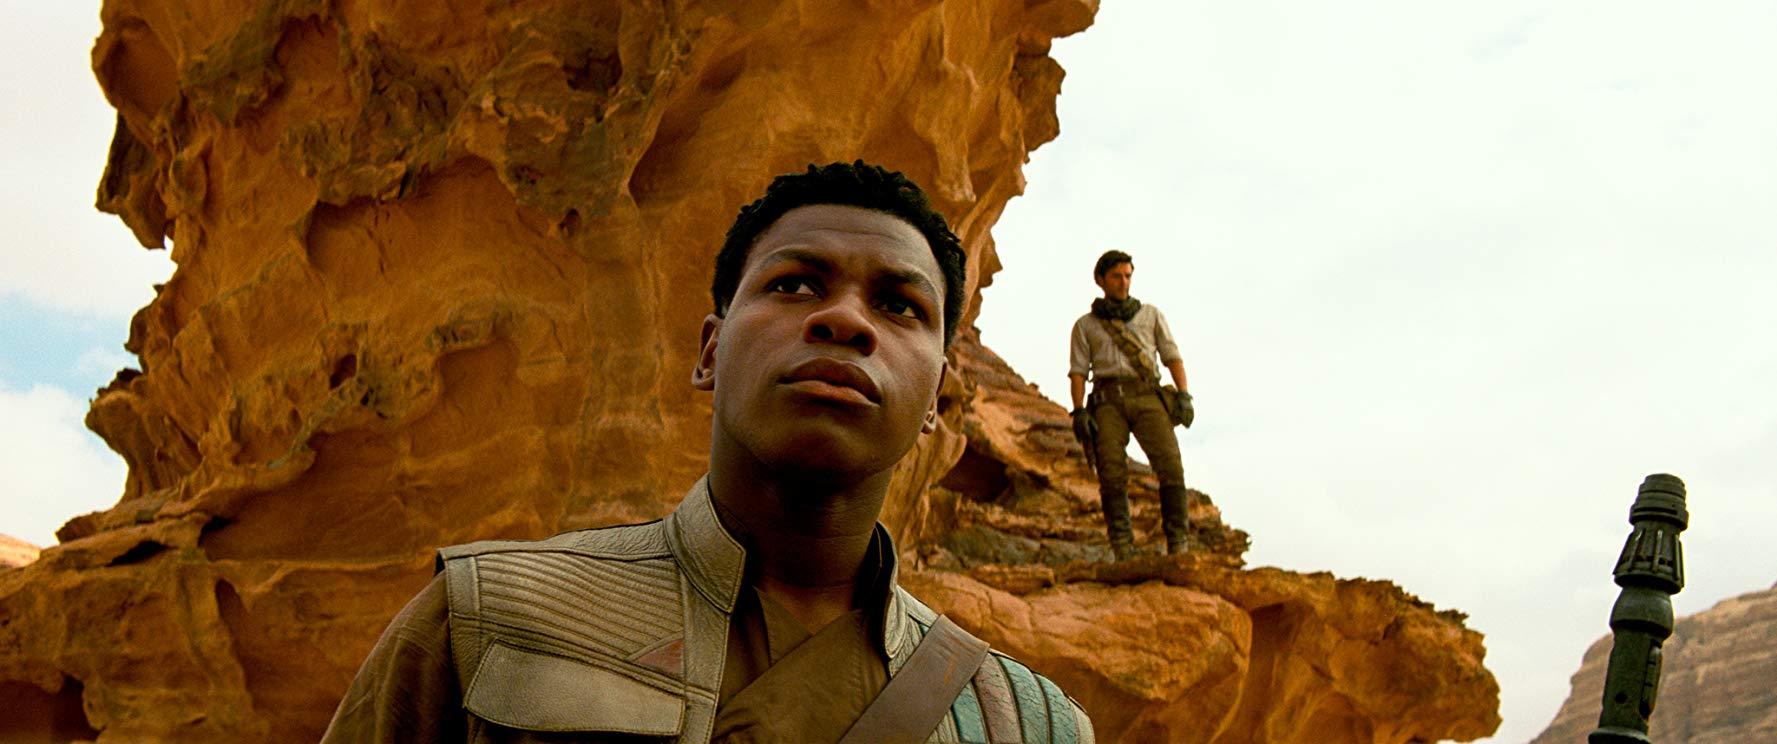 گزارشی از سینمای هالیوود؛ جدیدترین تصاویر جنگ ستارگان 9 در آستانه اکران رونمایی شد